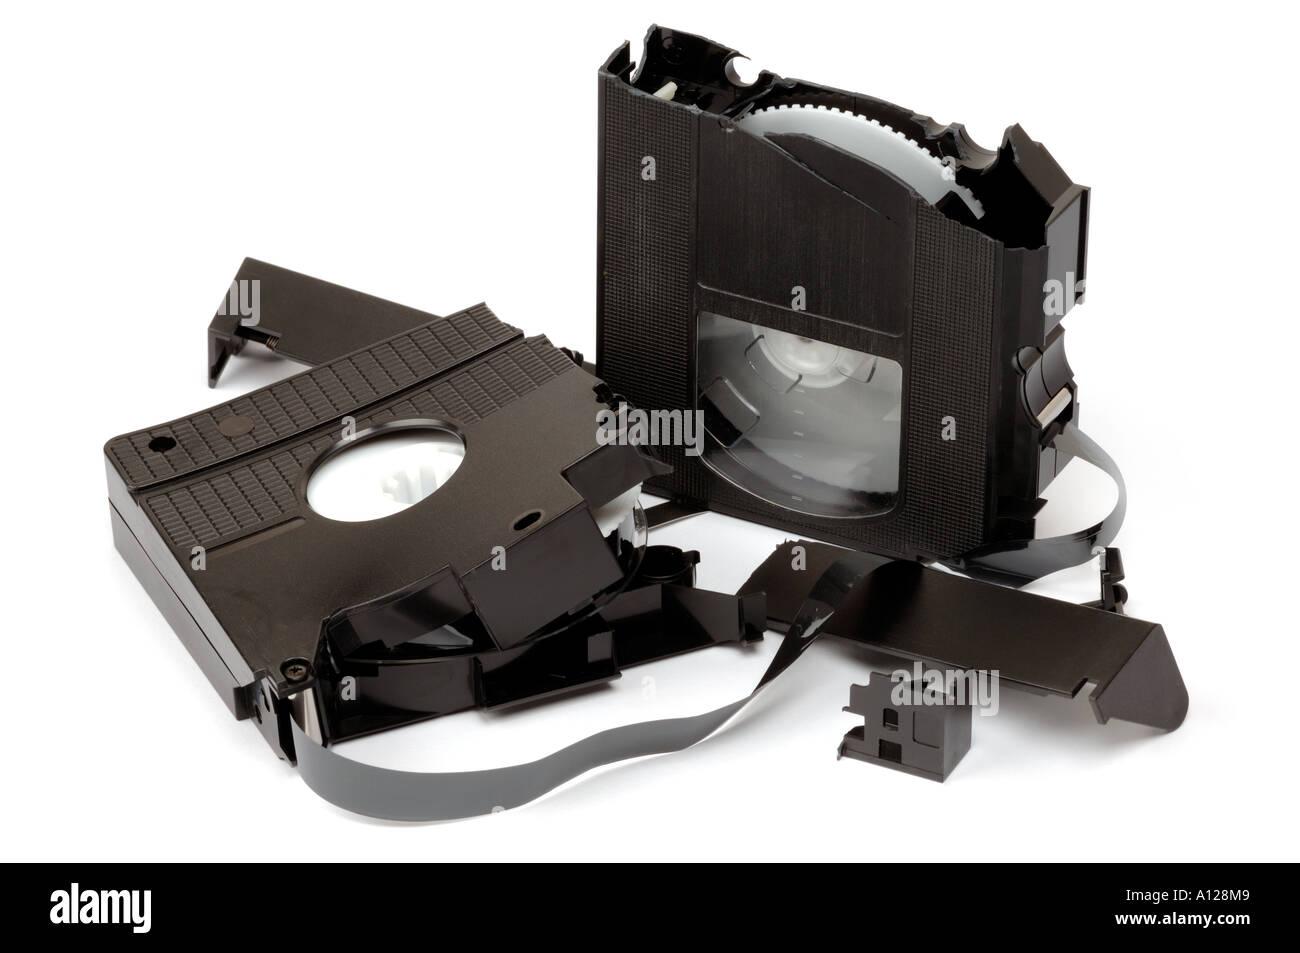 Rotto il nastro per videocassette Immagini Stock